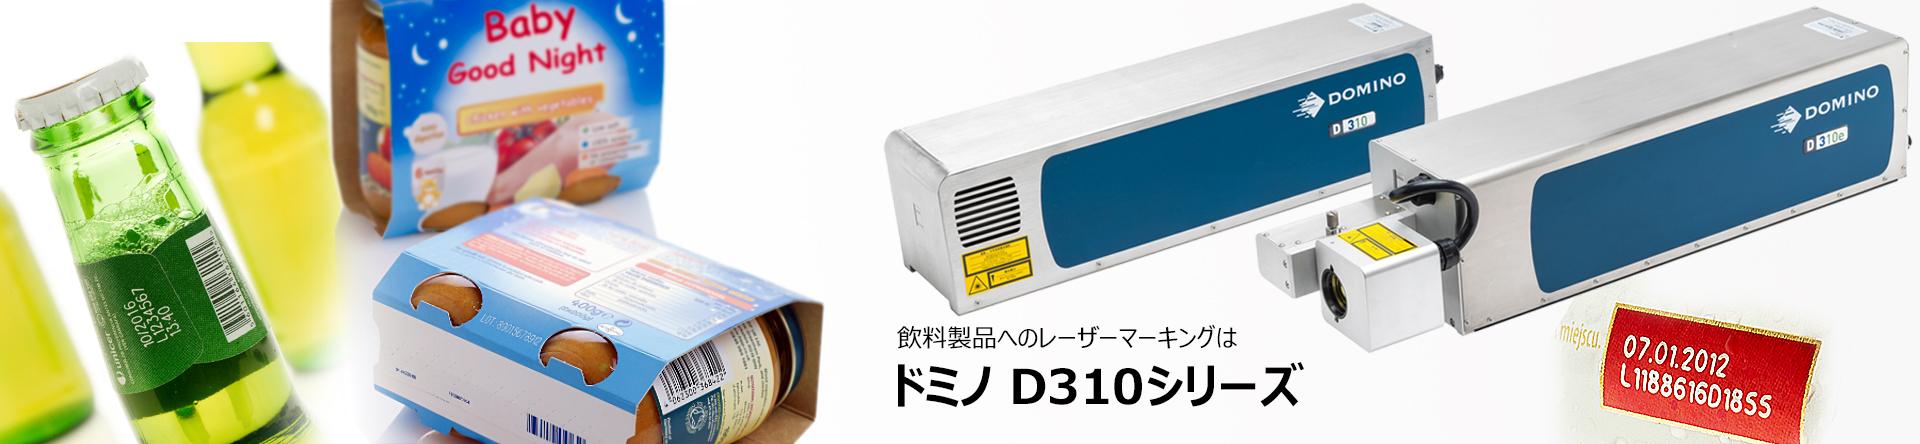 ドリンク・飲料業界 紙箱,化粧箱,ラベル,シールにCO2レーザーマーカー ドミノD310シリーズ